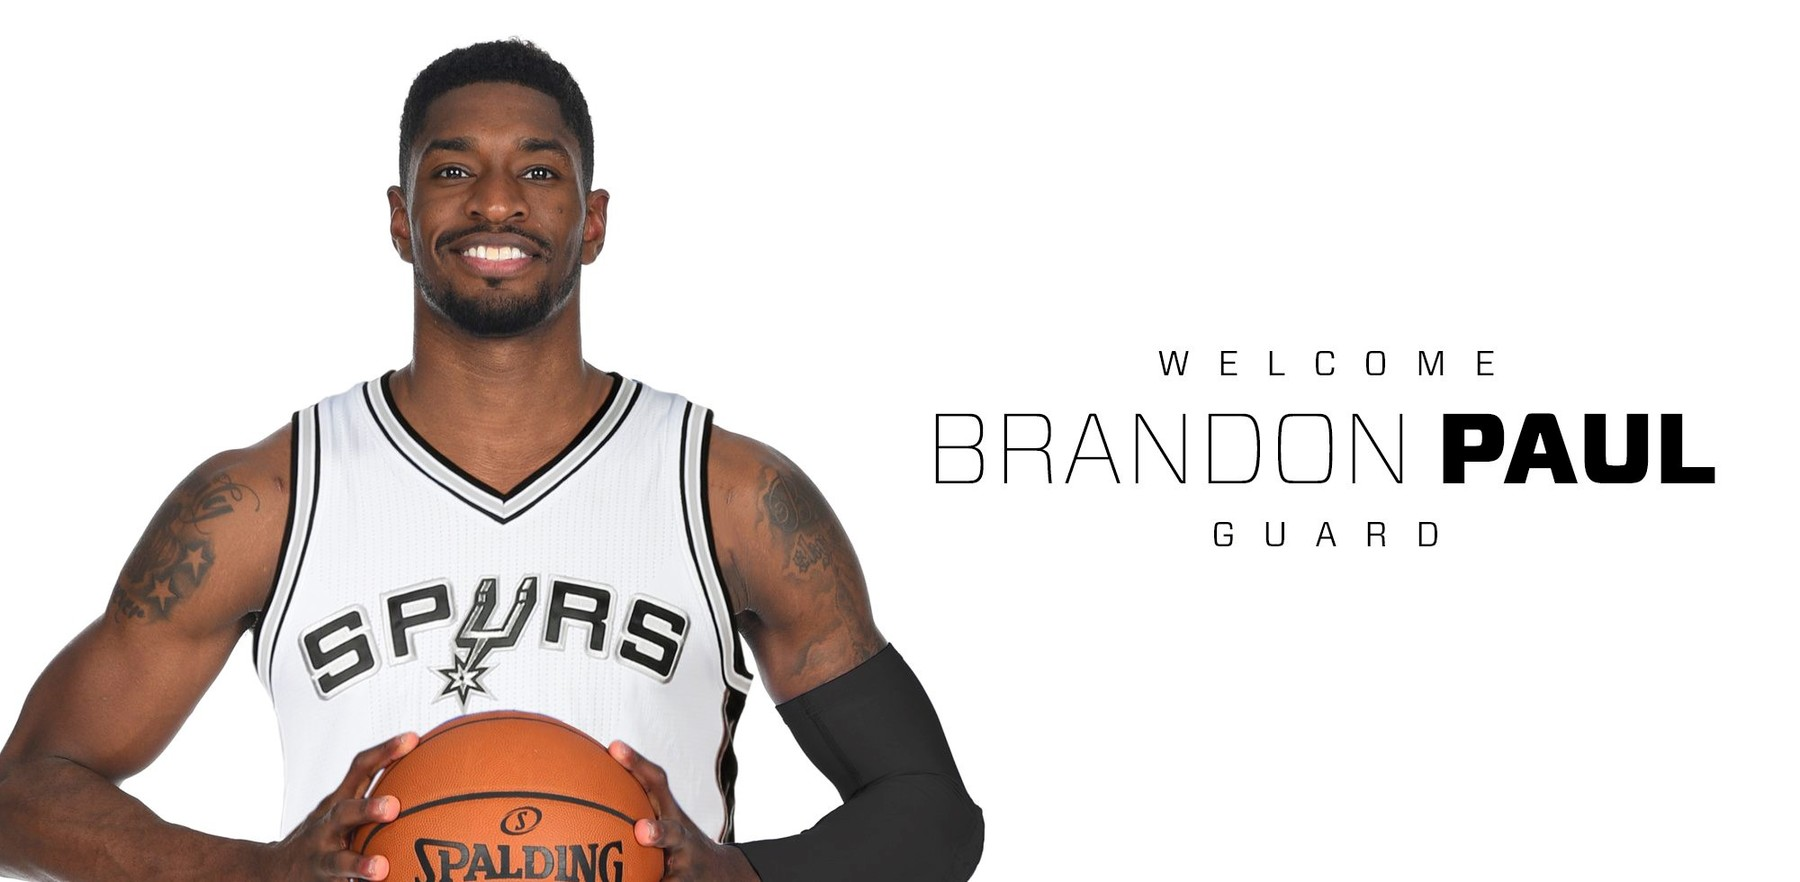 Brandon Paul wearing Spurs jersey